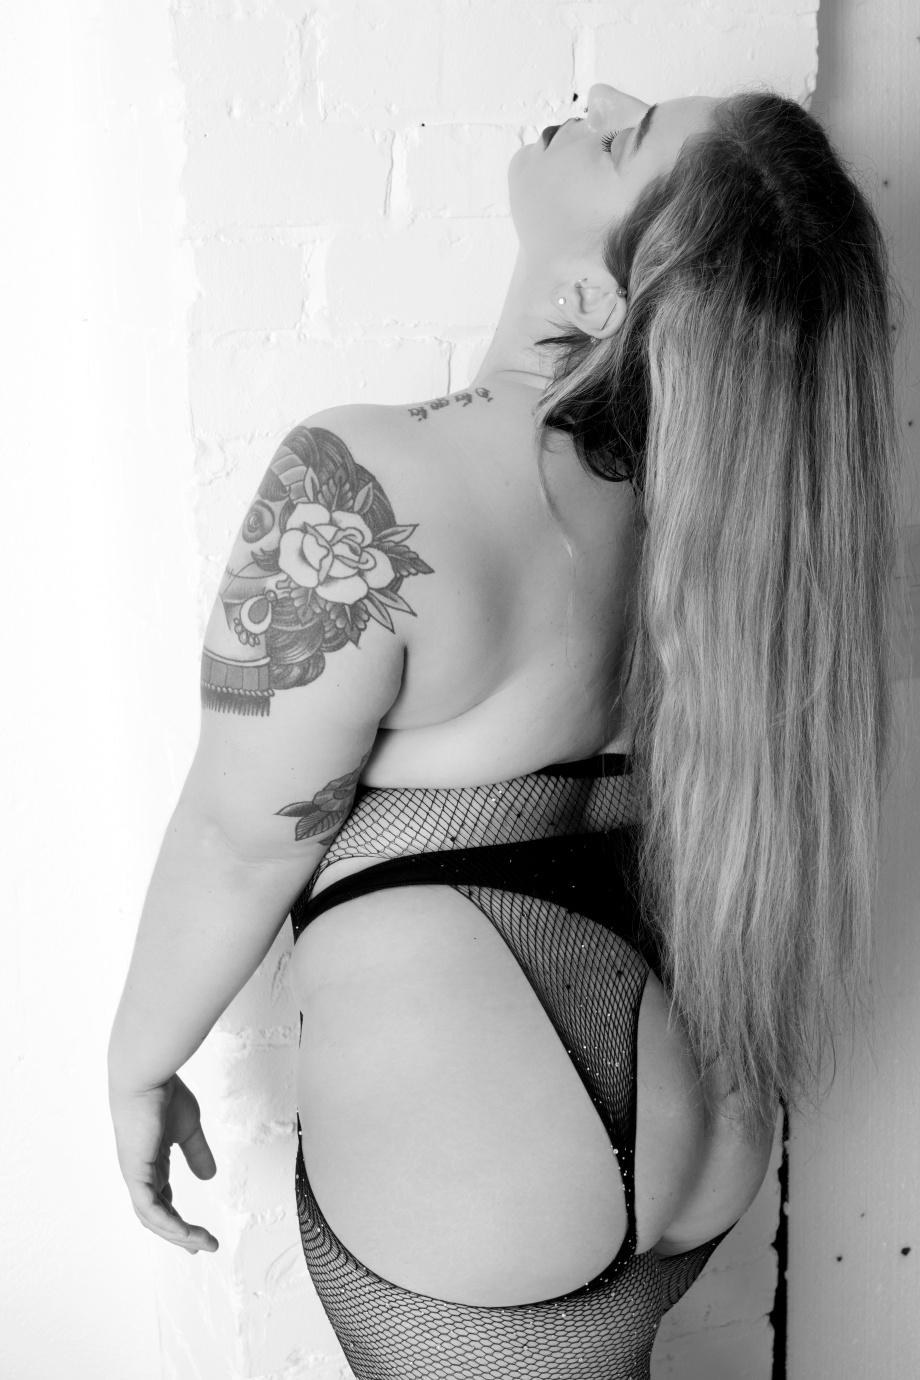 ava hennessy, glamour, studio shoot, curvy, pole dancer, exotic dancer, lingerie, black and white